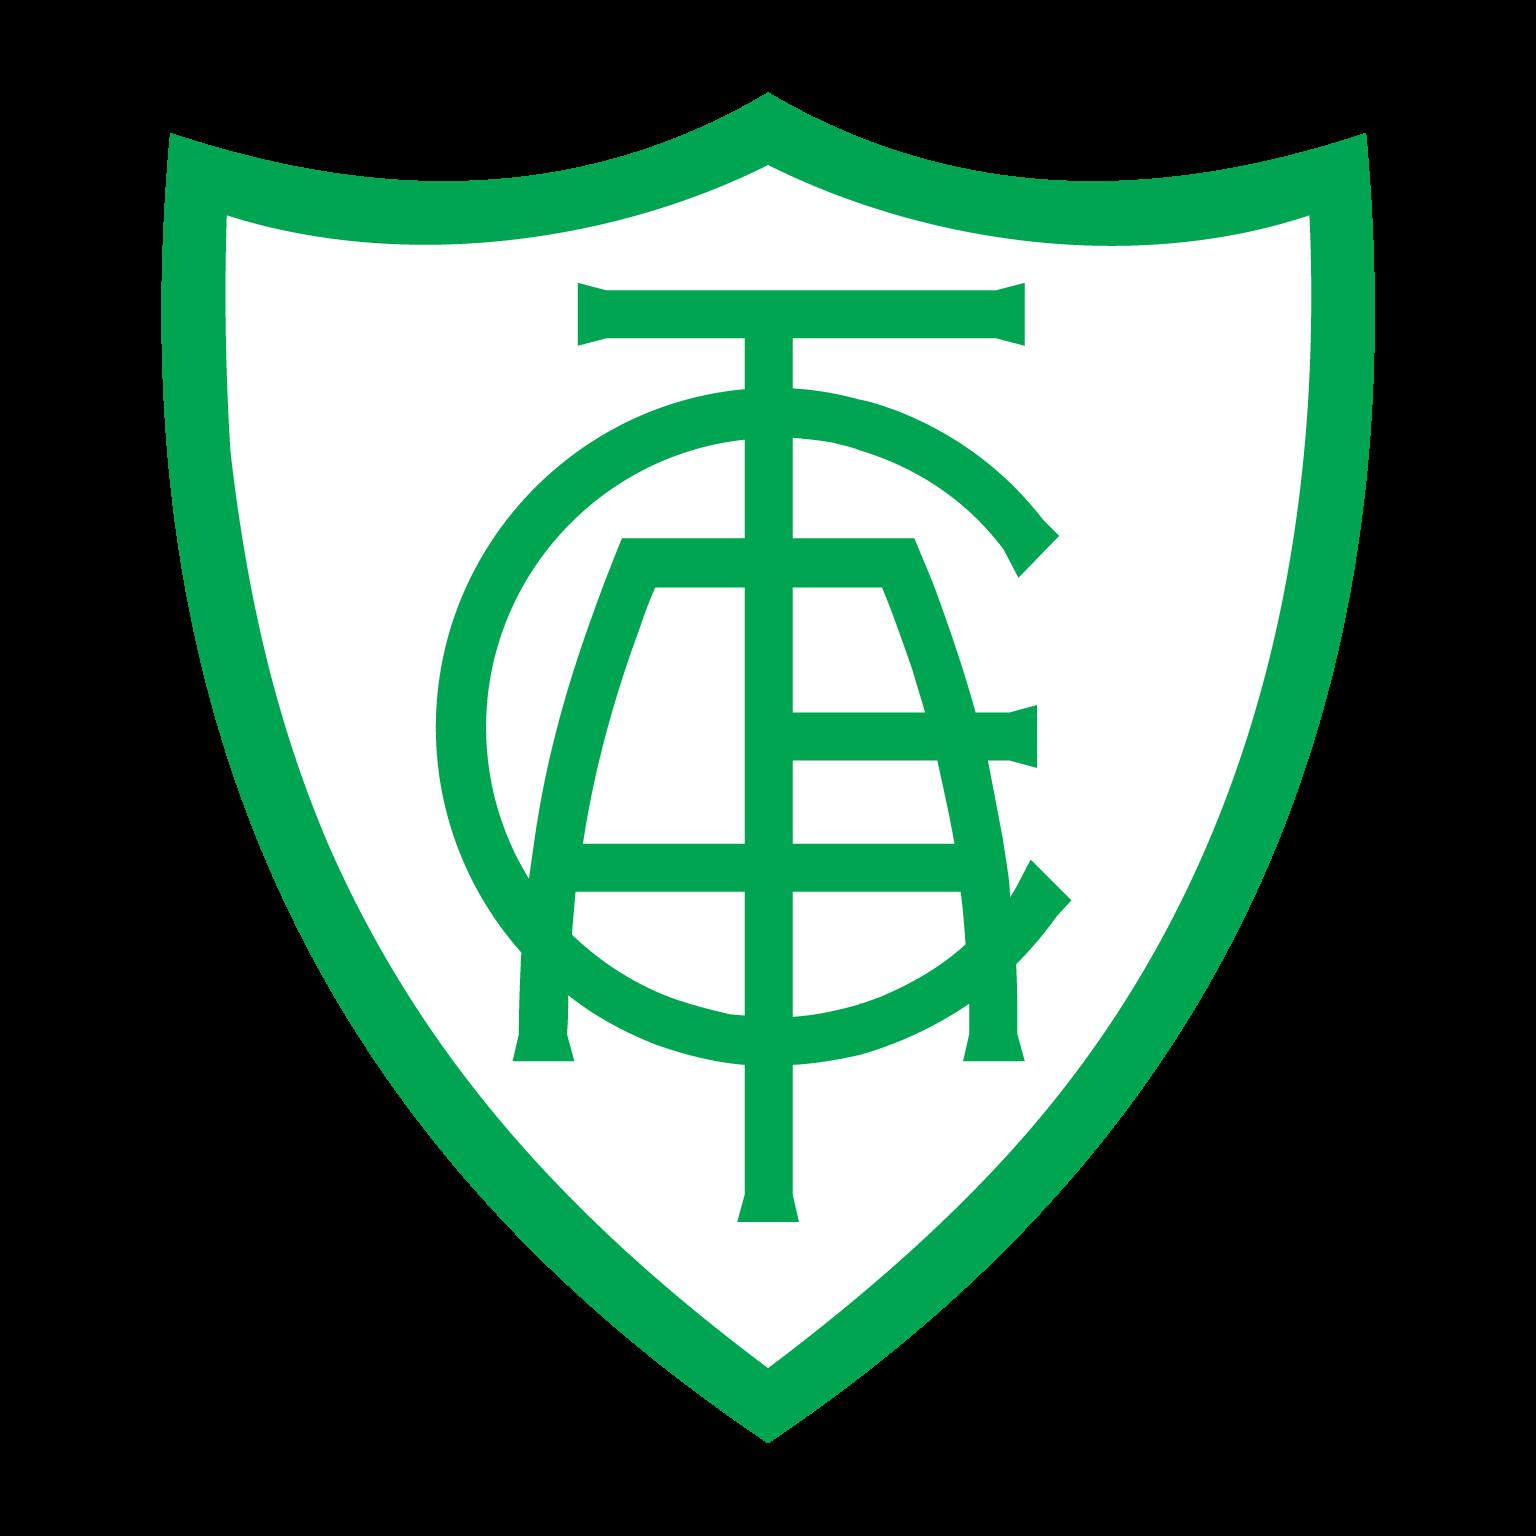 Escudo do América-MG